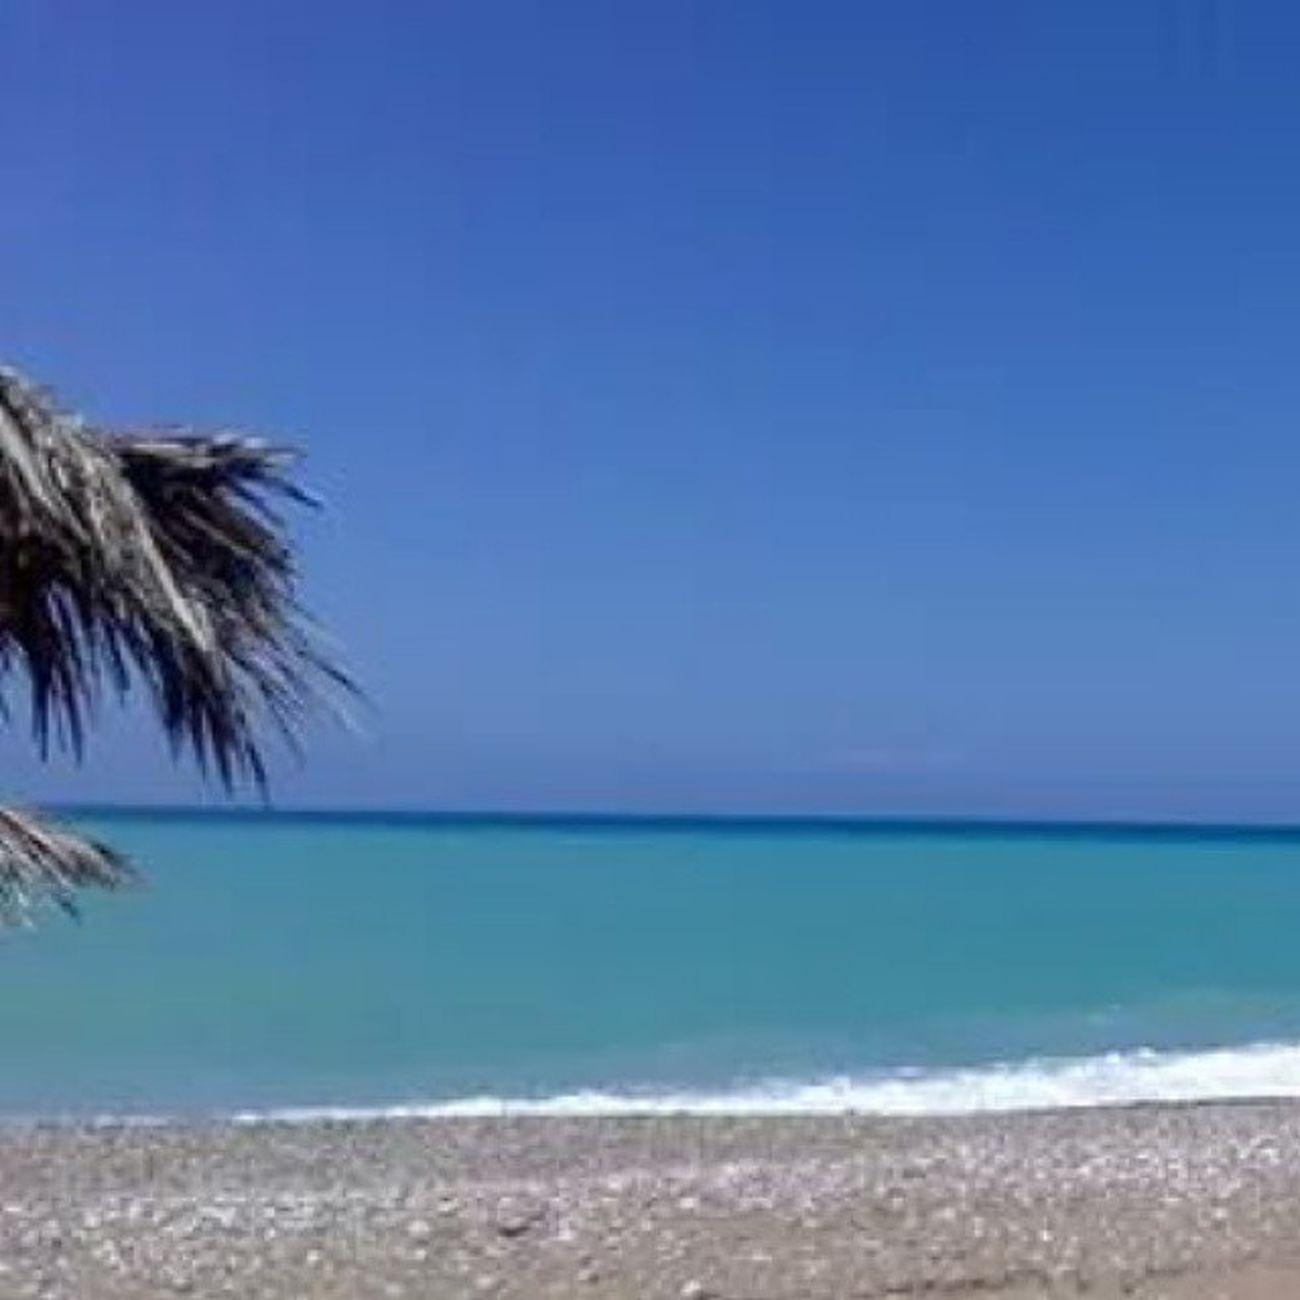 Kalo_nero Kalonero Sea Blue